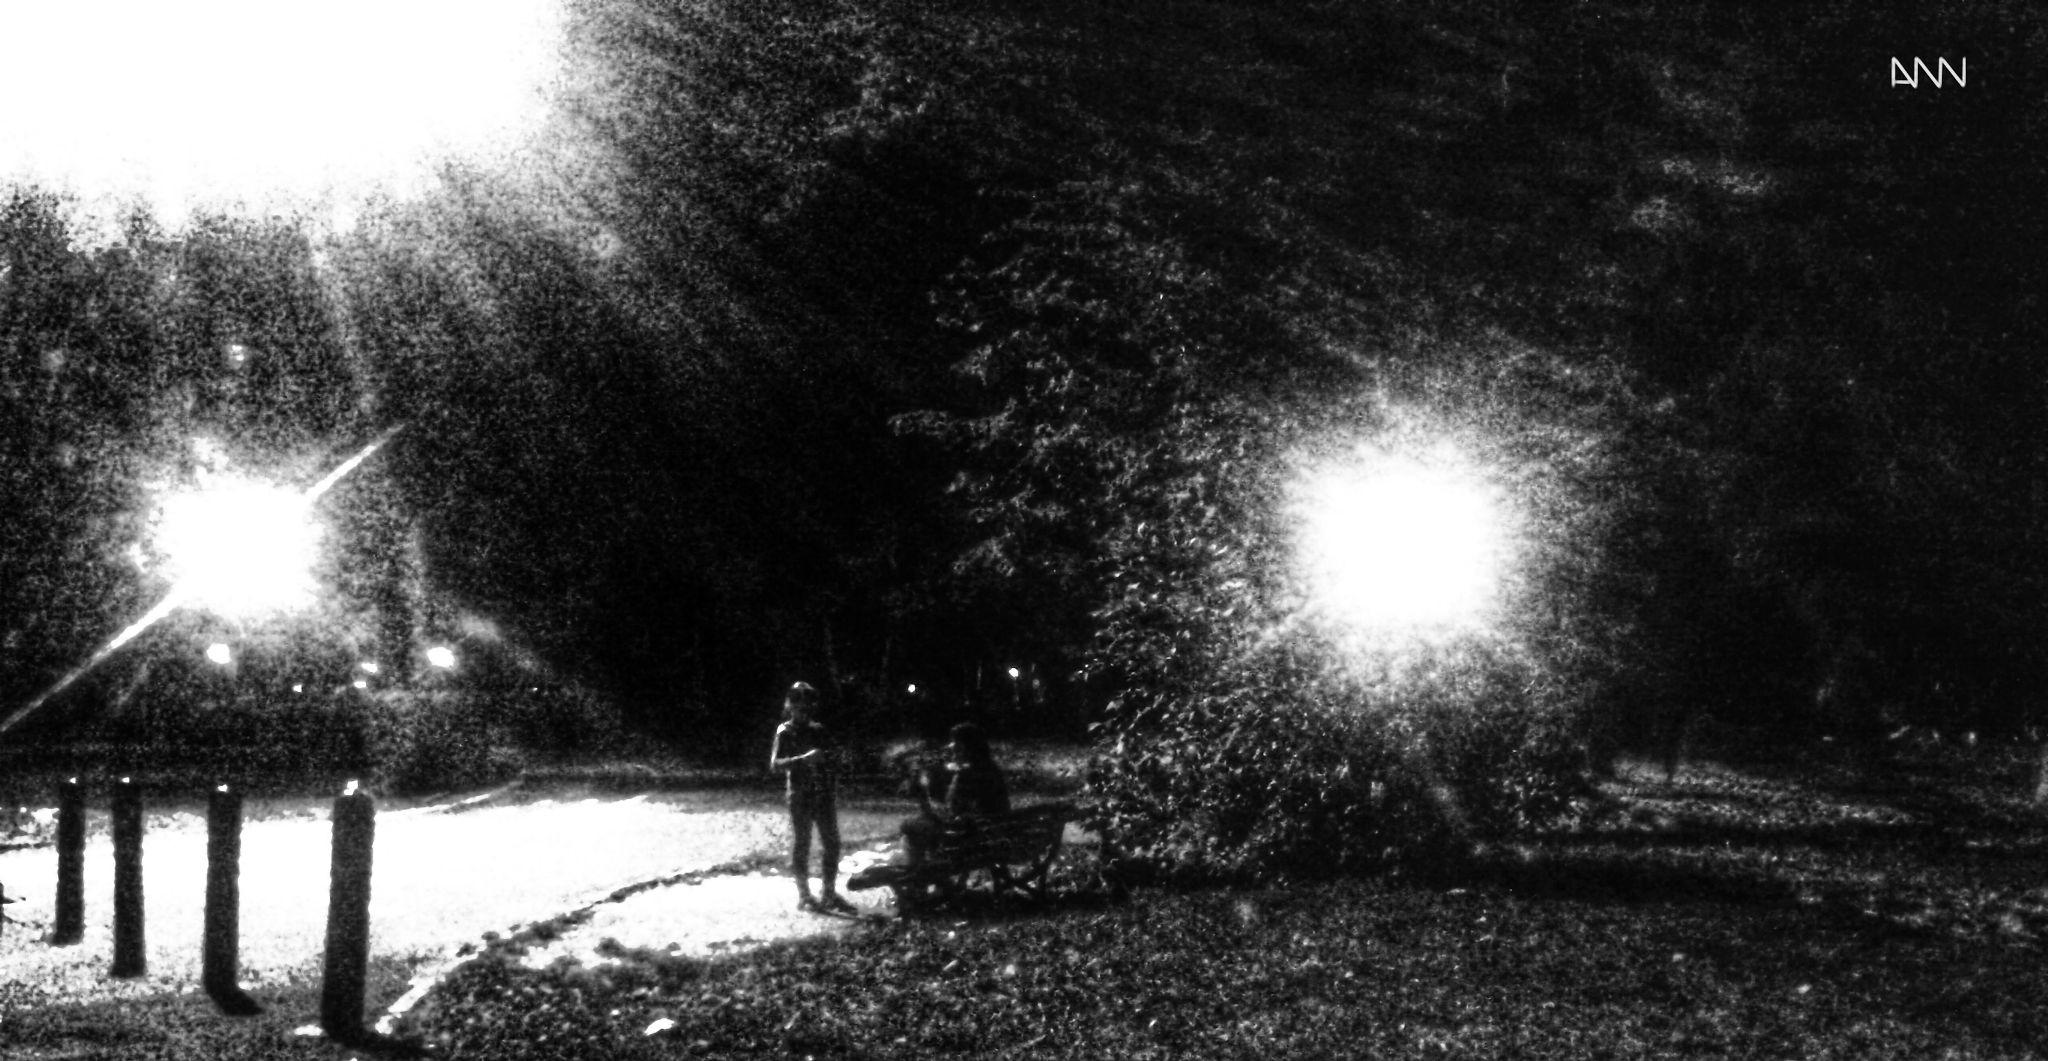 Park Night by Anton Nistor Nicolae